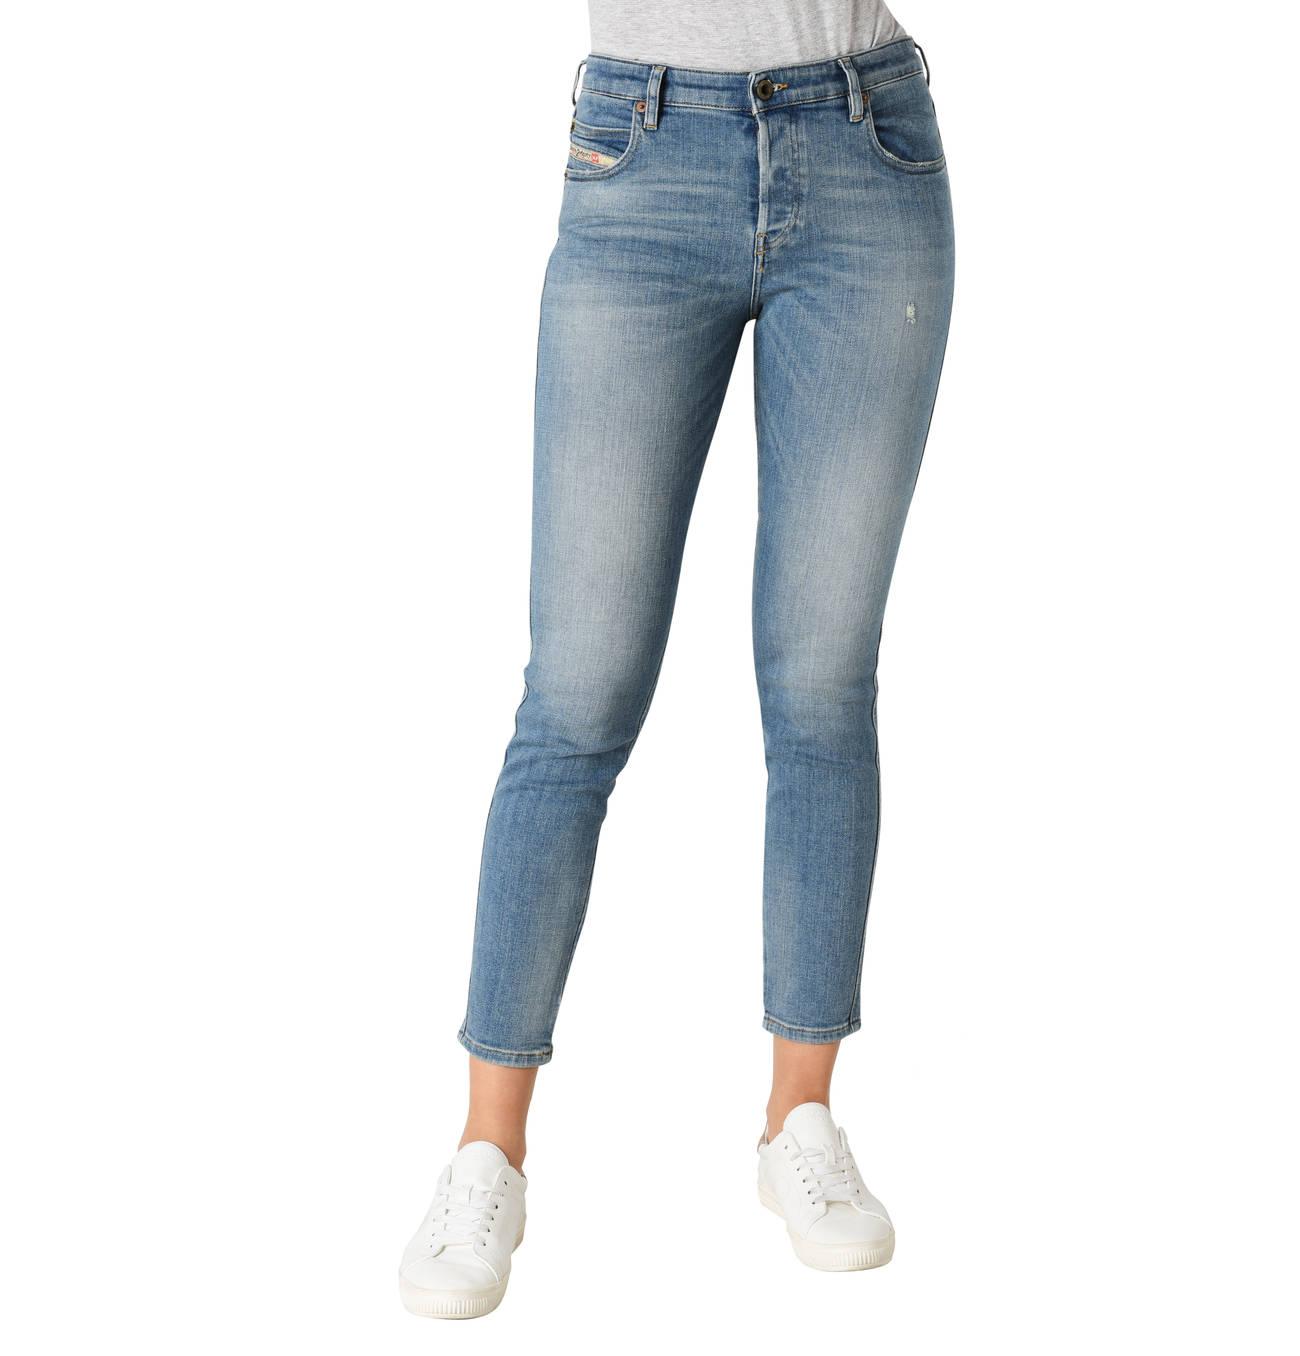 neueste Kollektion Qualität unverwechselbarer Stil Jeans